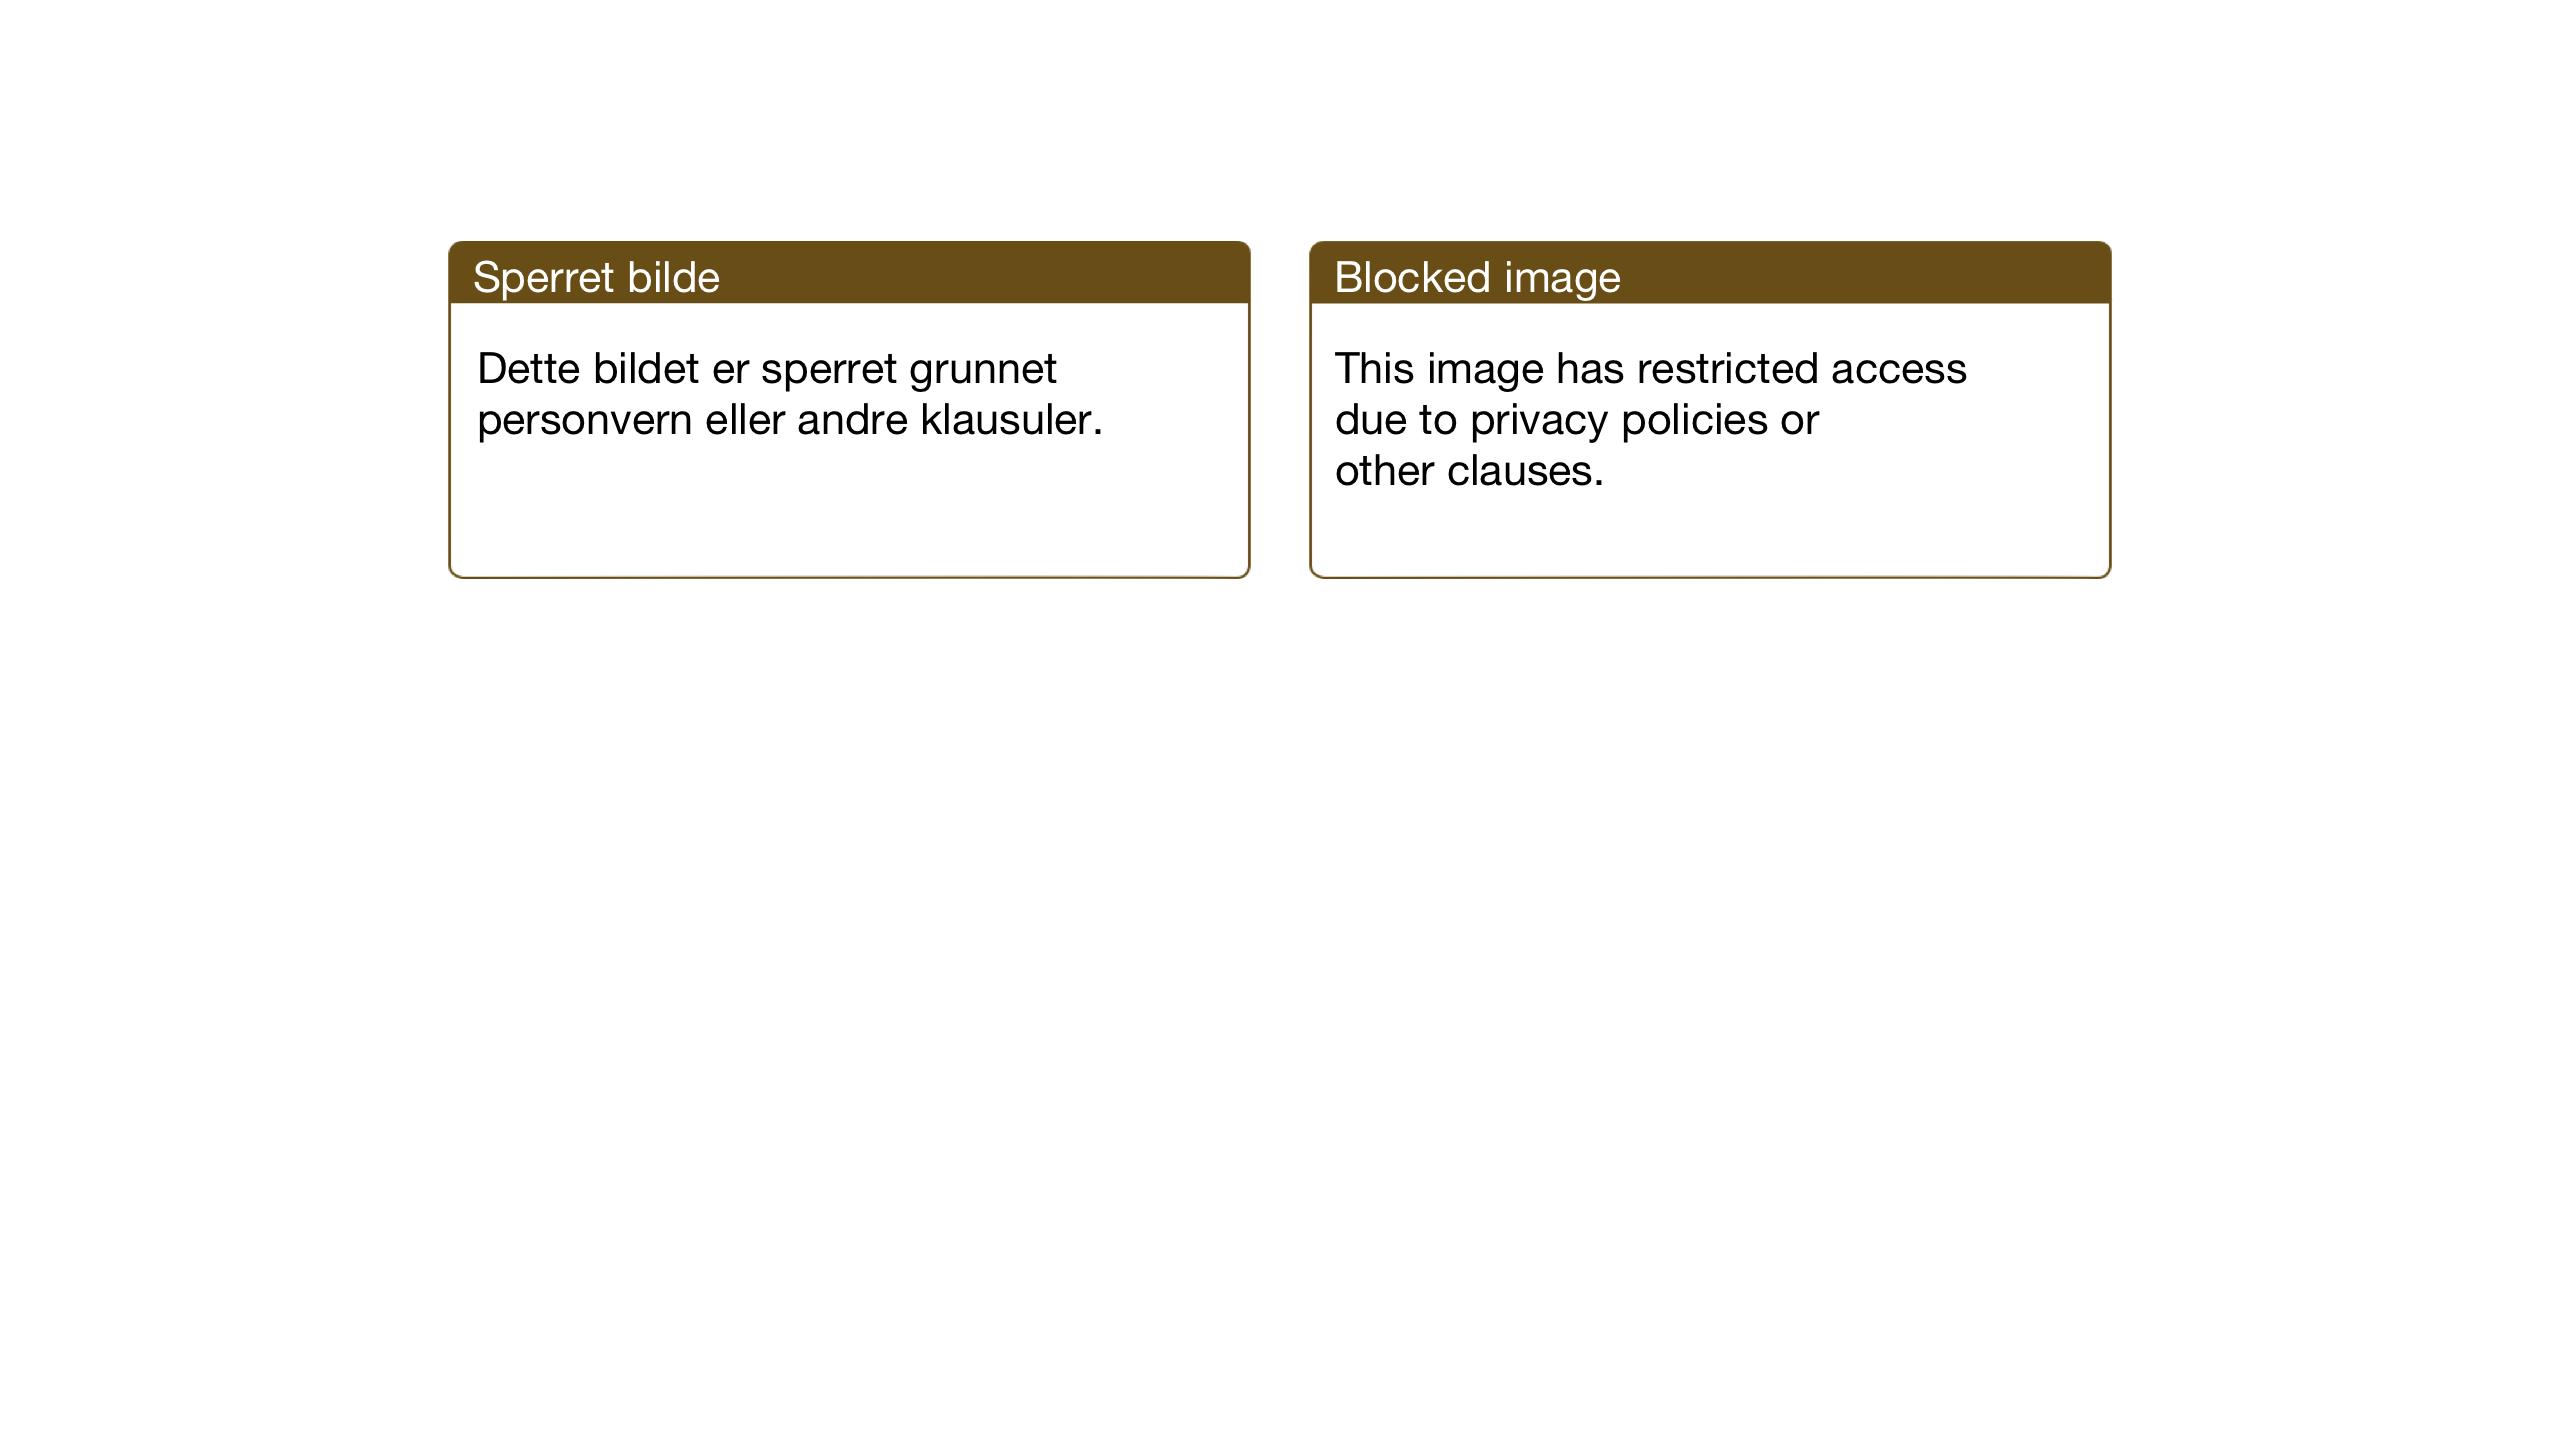 SAT, Ministerialprotokoller, klokkerbøker og fødselsregistre - Sør-Trøndelag, 669/L0832: Klokkerbok nr. 669C02, 1925-1953, s. 22